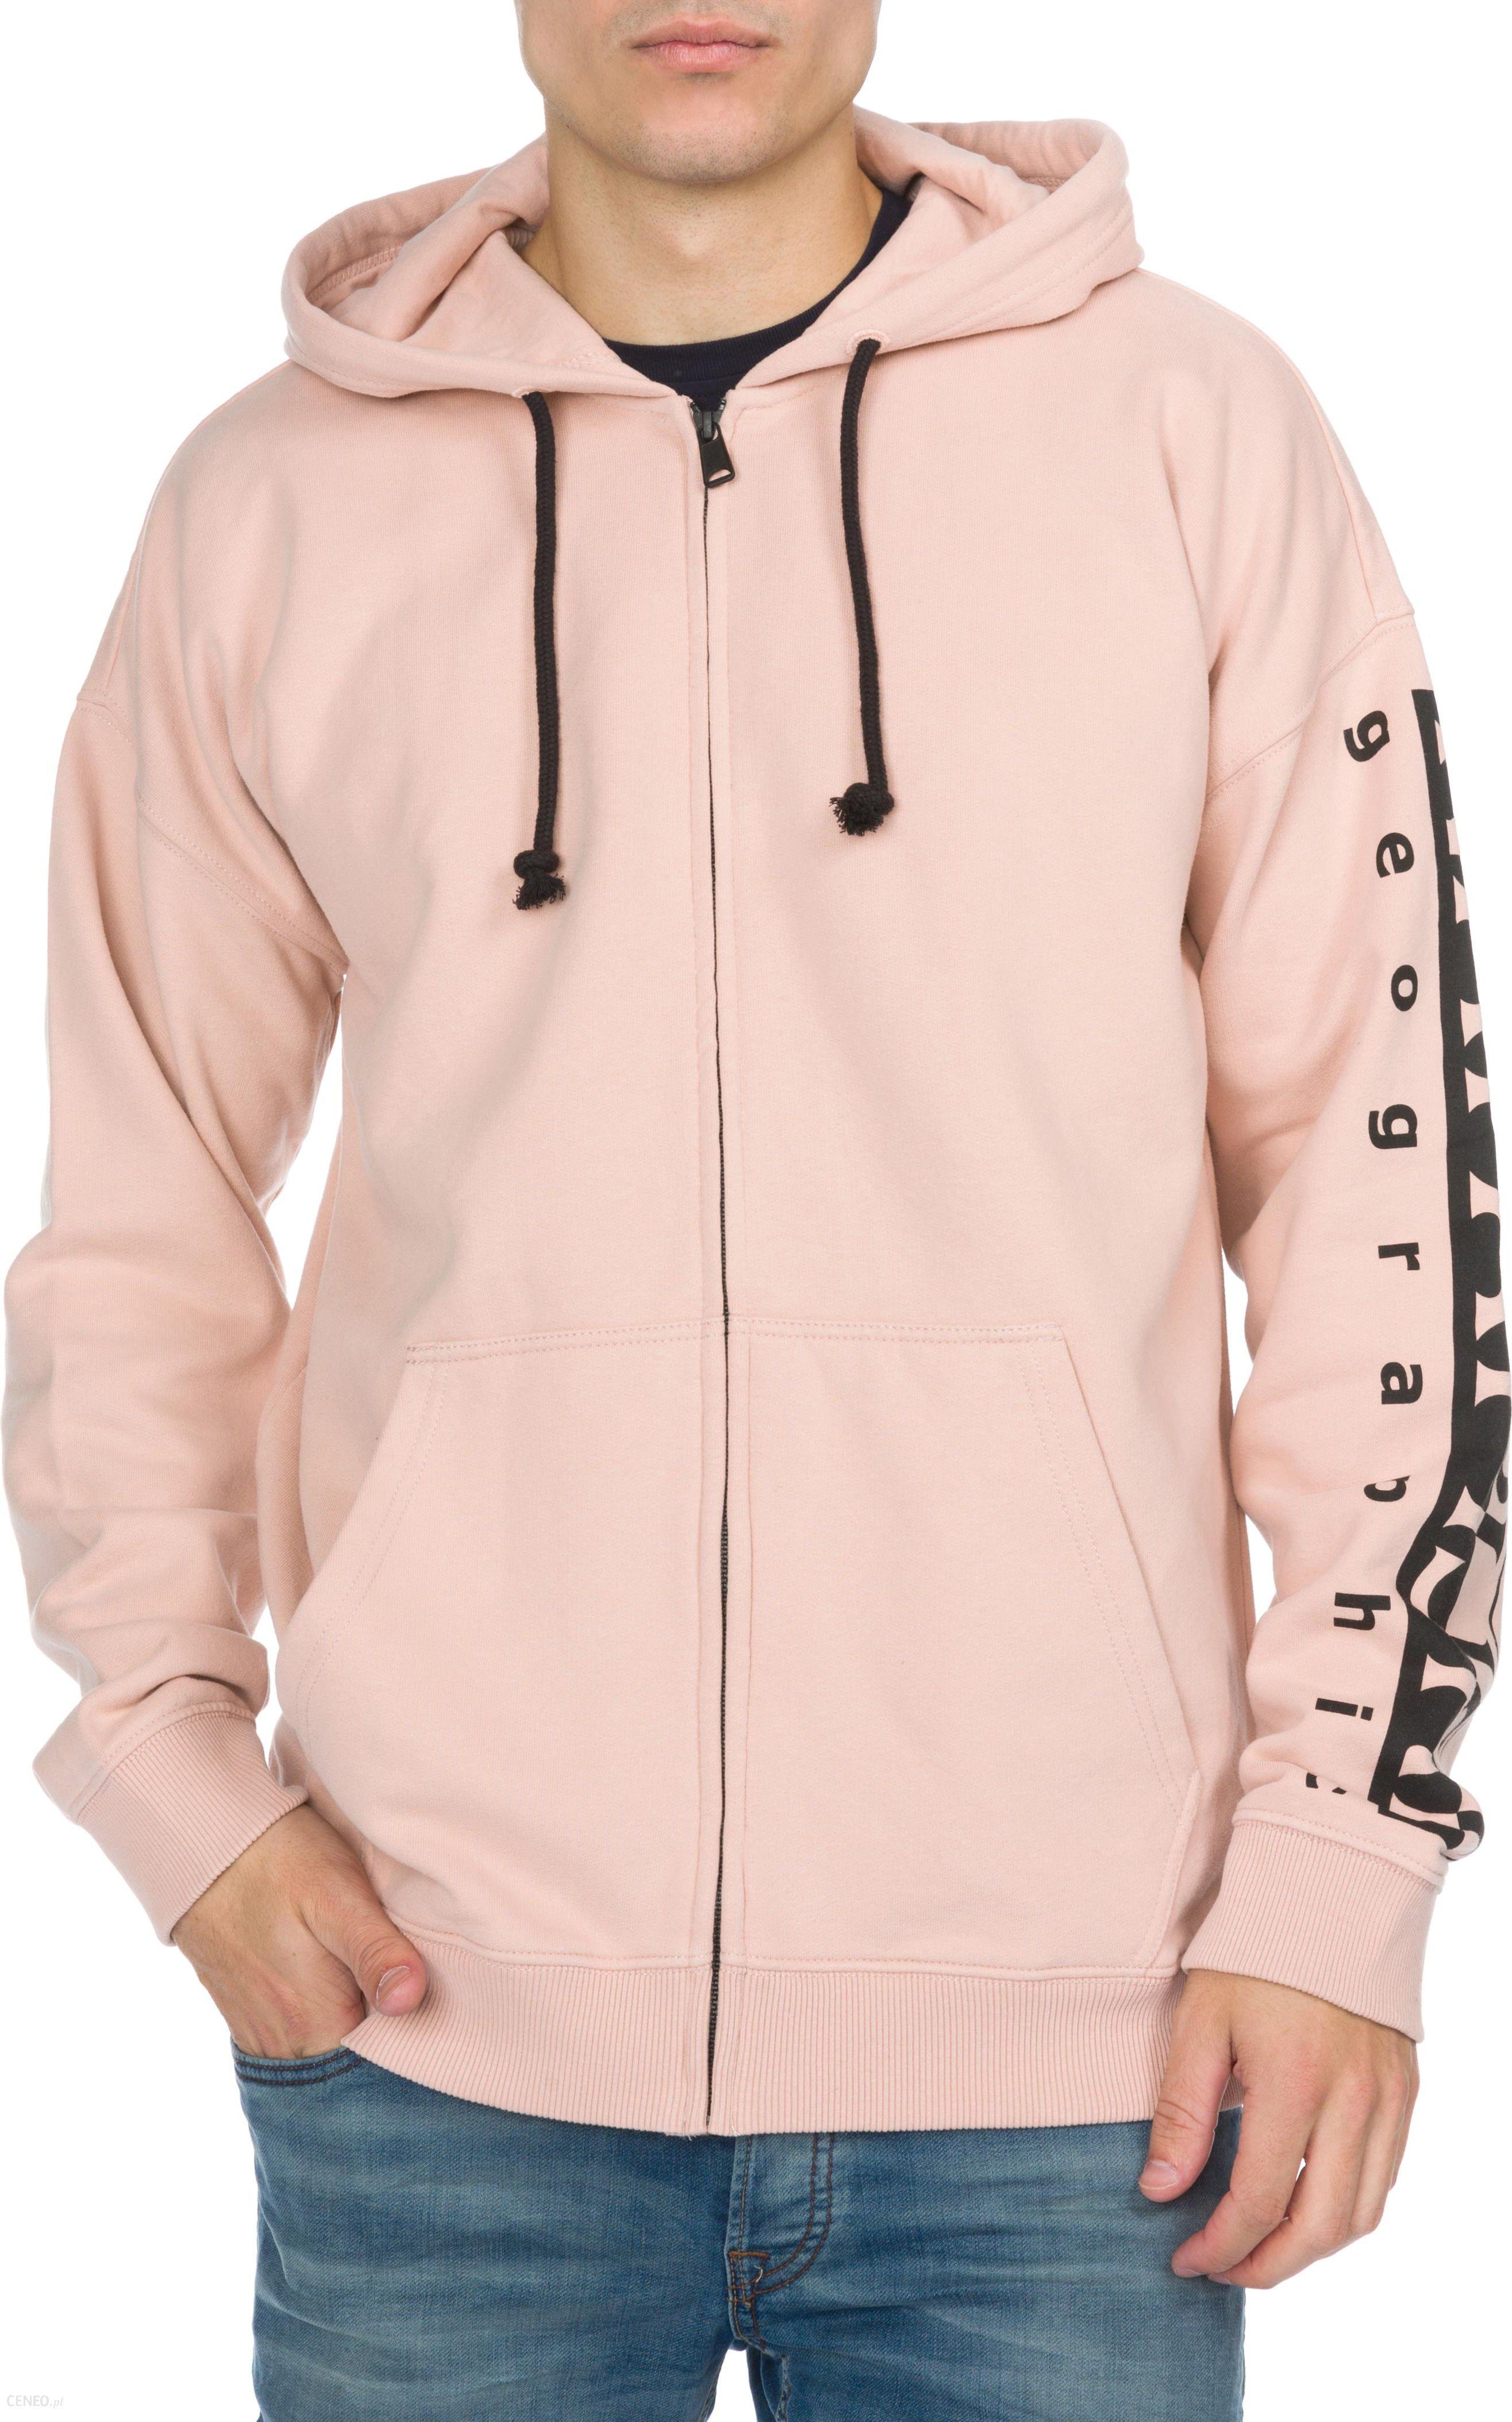 Nike – Bluza rozpinana o kroju loose fit z kapturem – Różowy